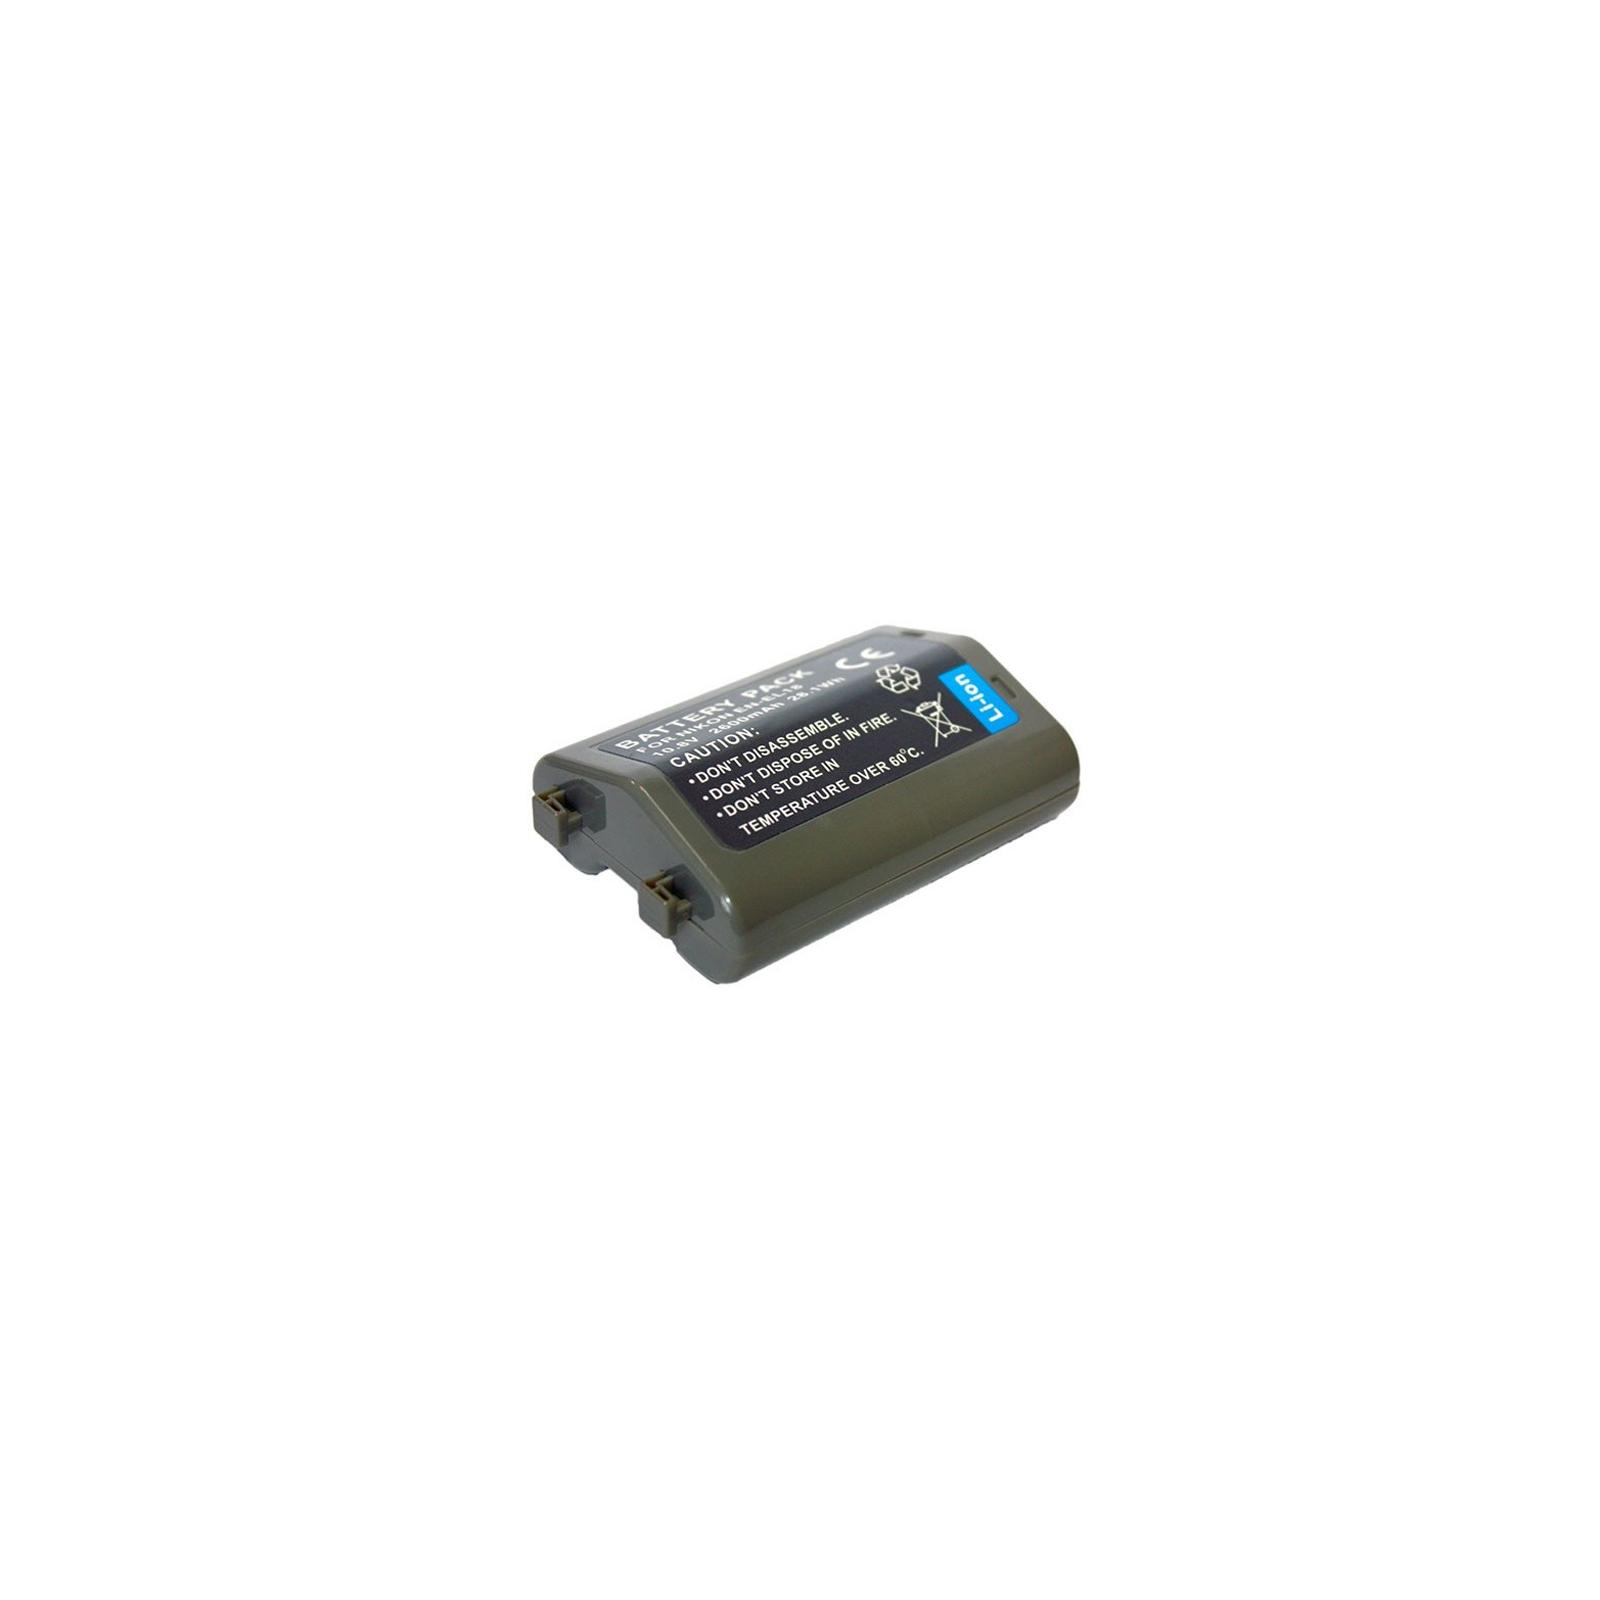 Аккумулятор к фото/видео EXTRADIGITAL Nikon EN-EL18 (DV00DV1384) изображение 3